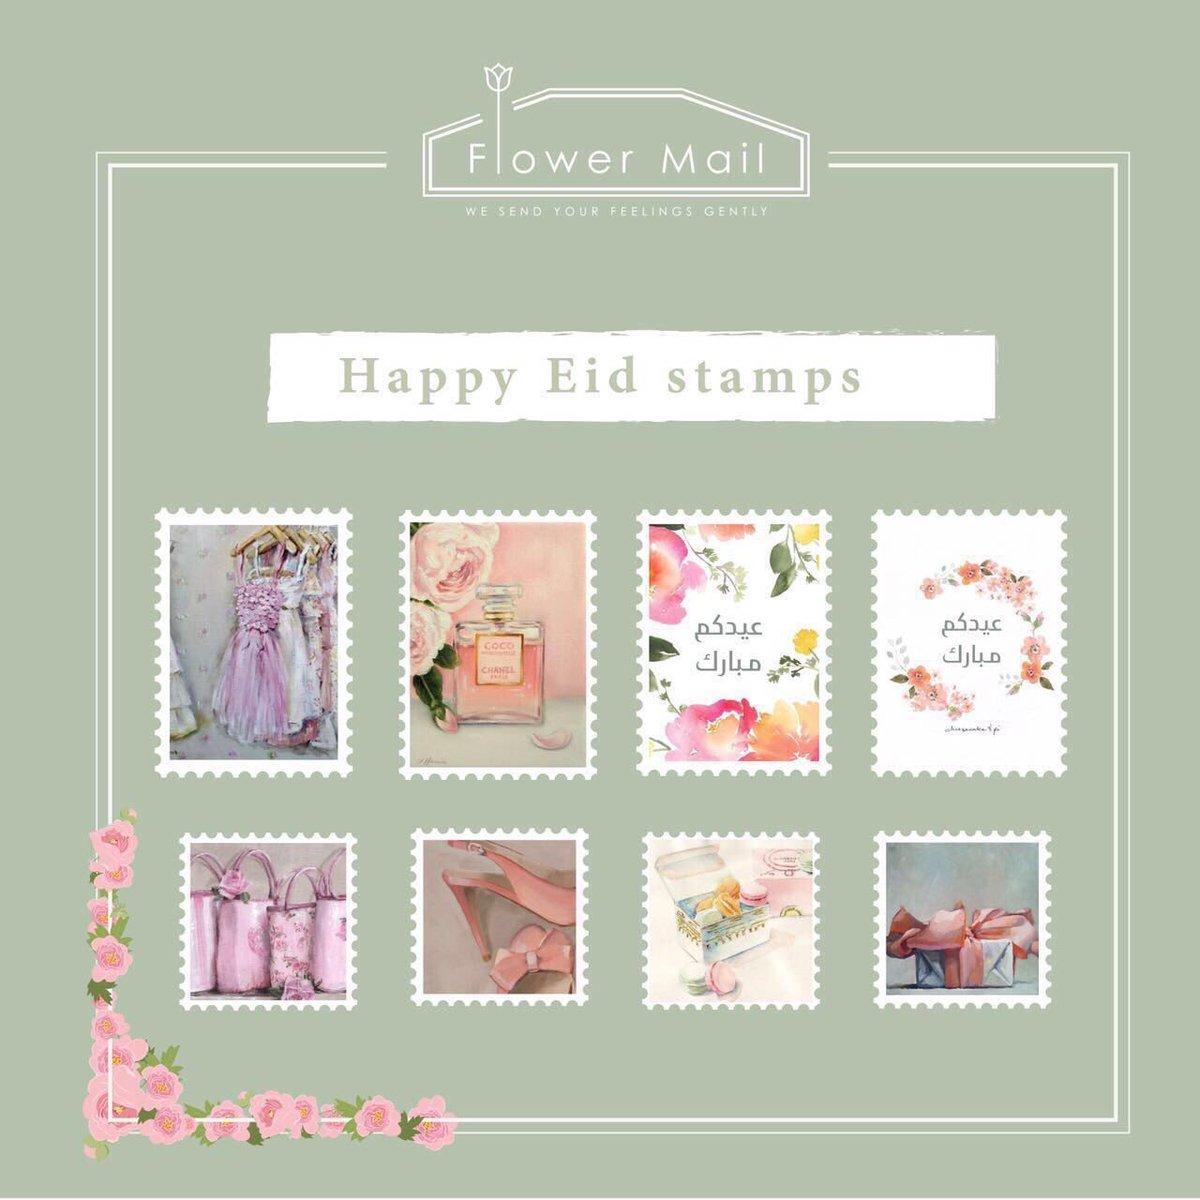 Flower Mail En Twitter طوابع بريديه خاصة بمناسبة العيد